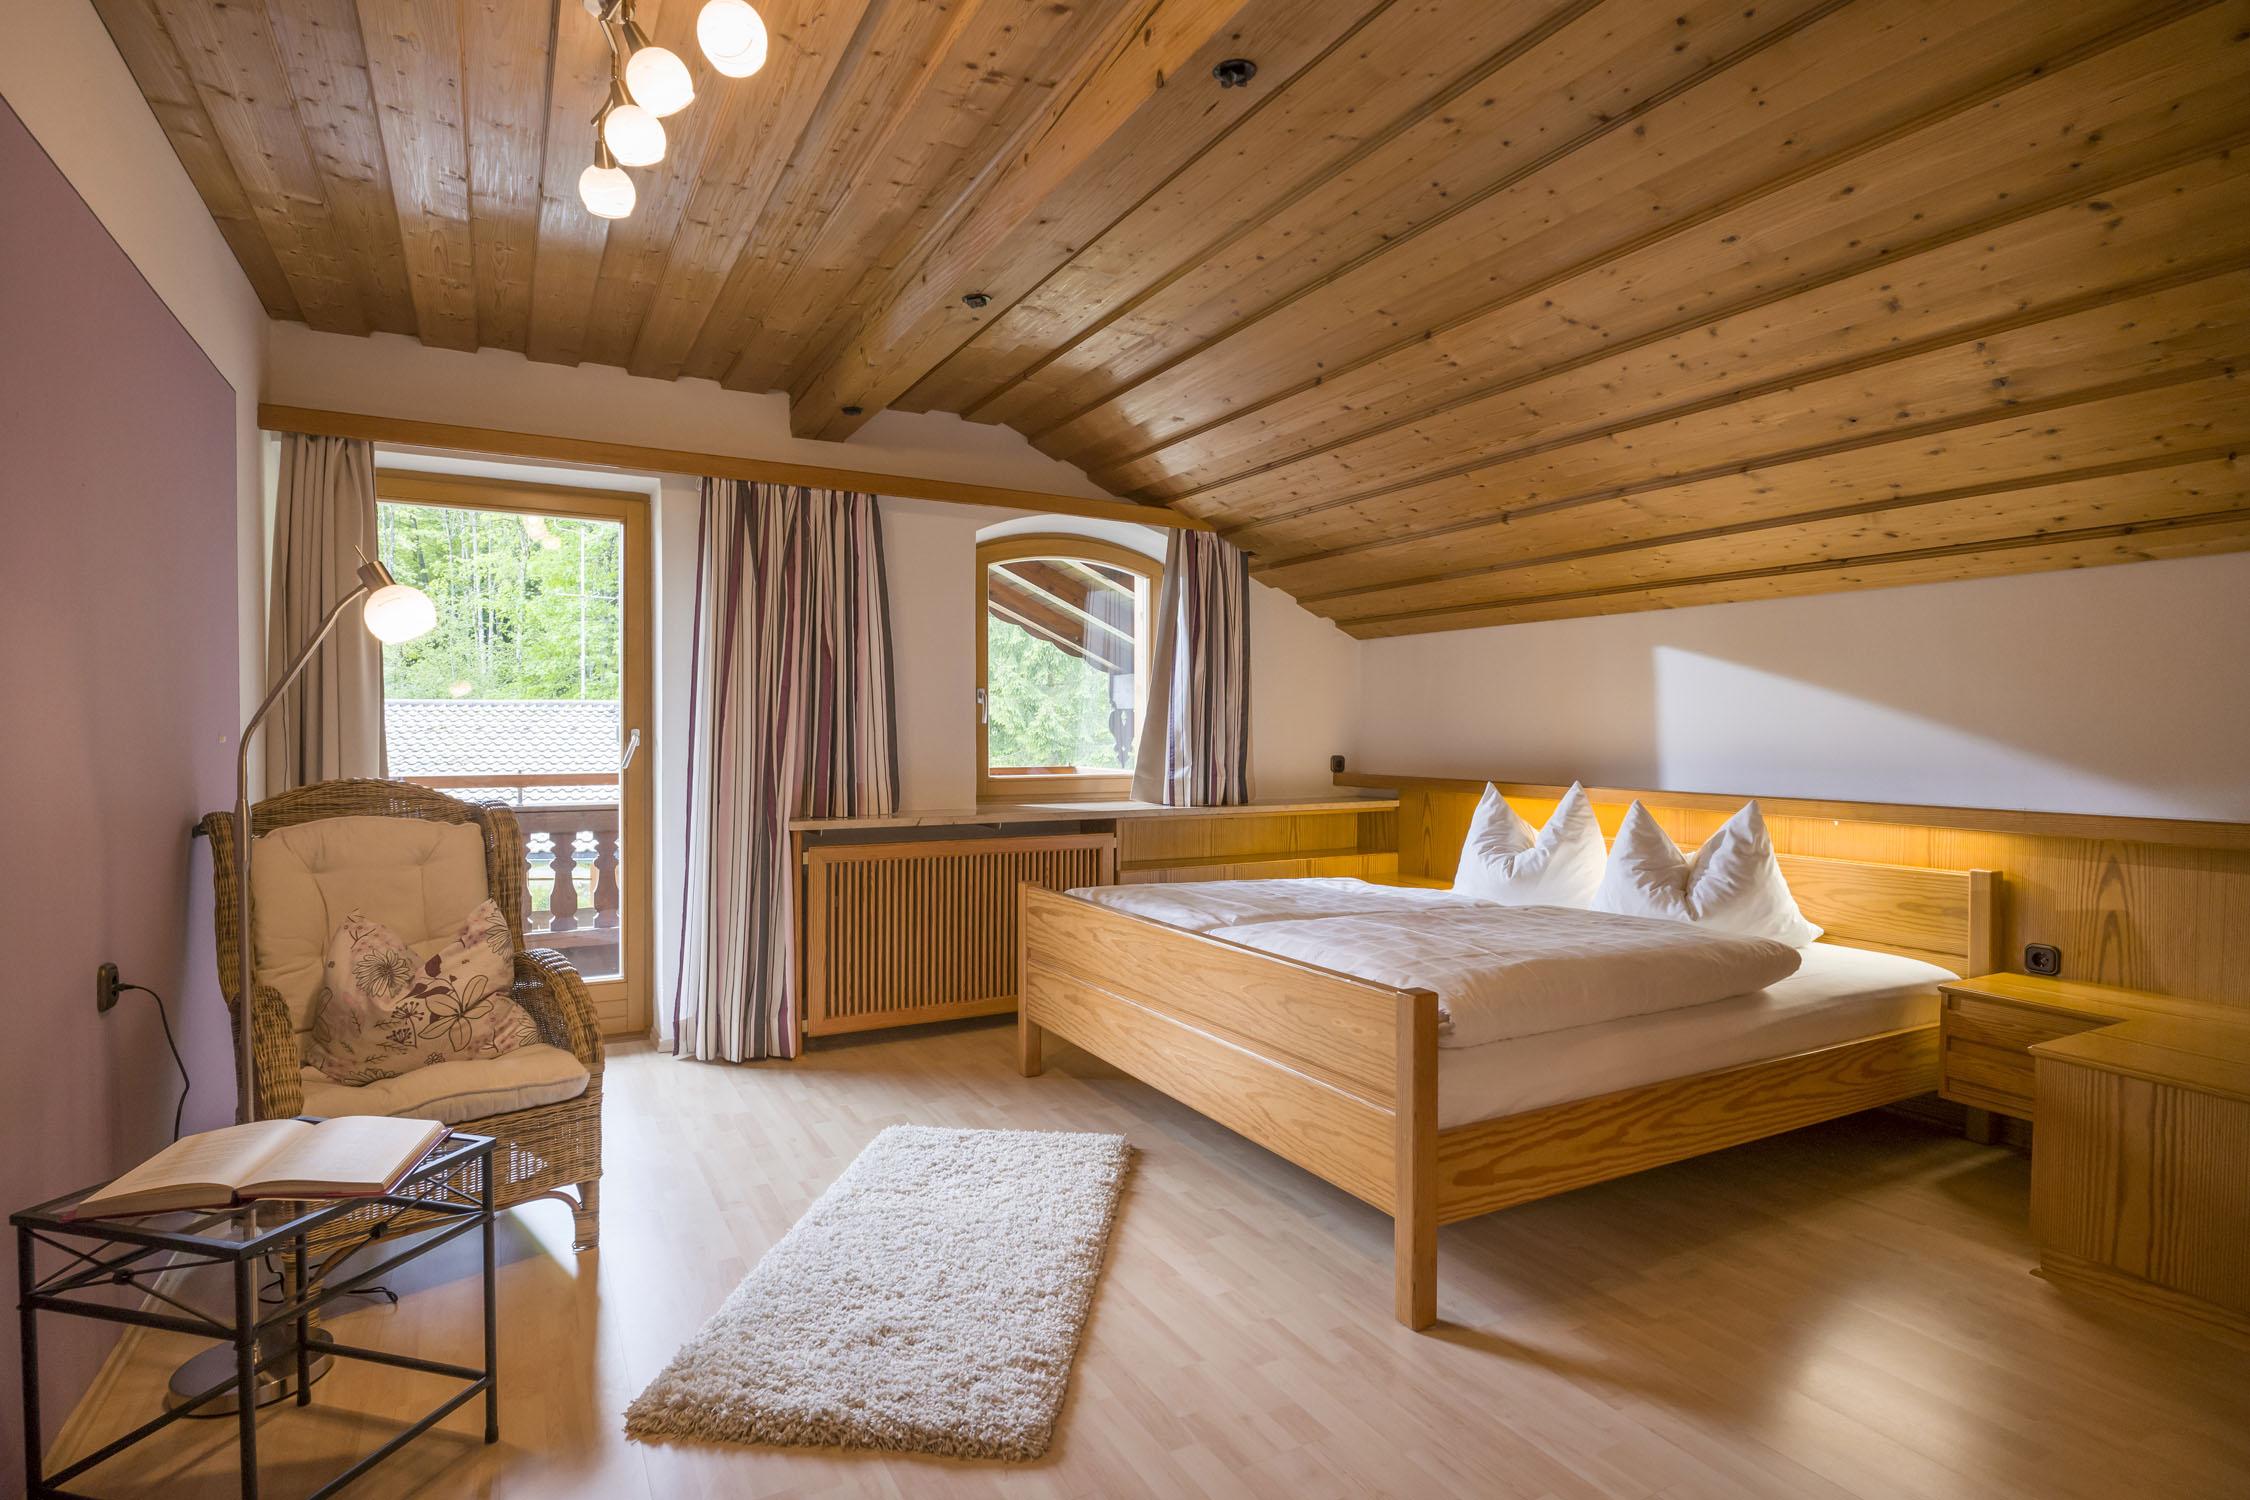 Ferienwohnung Ferienwohnungen Osterauer (DE Oberaudorf). 3-Zimmer Ferienwohnung (709978), Oberaudorf, Chiemgau, Bayern, Deutschland, Bild 13